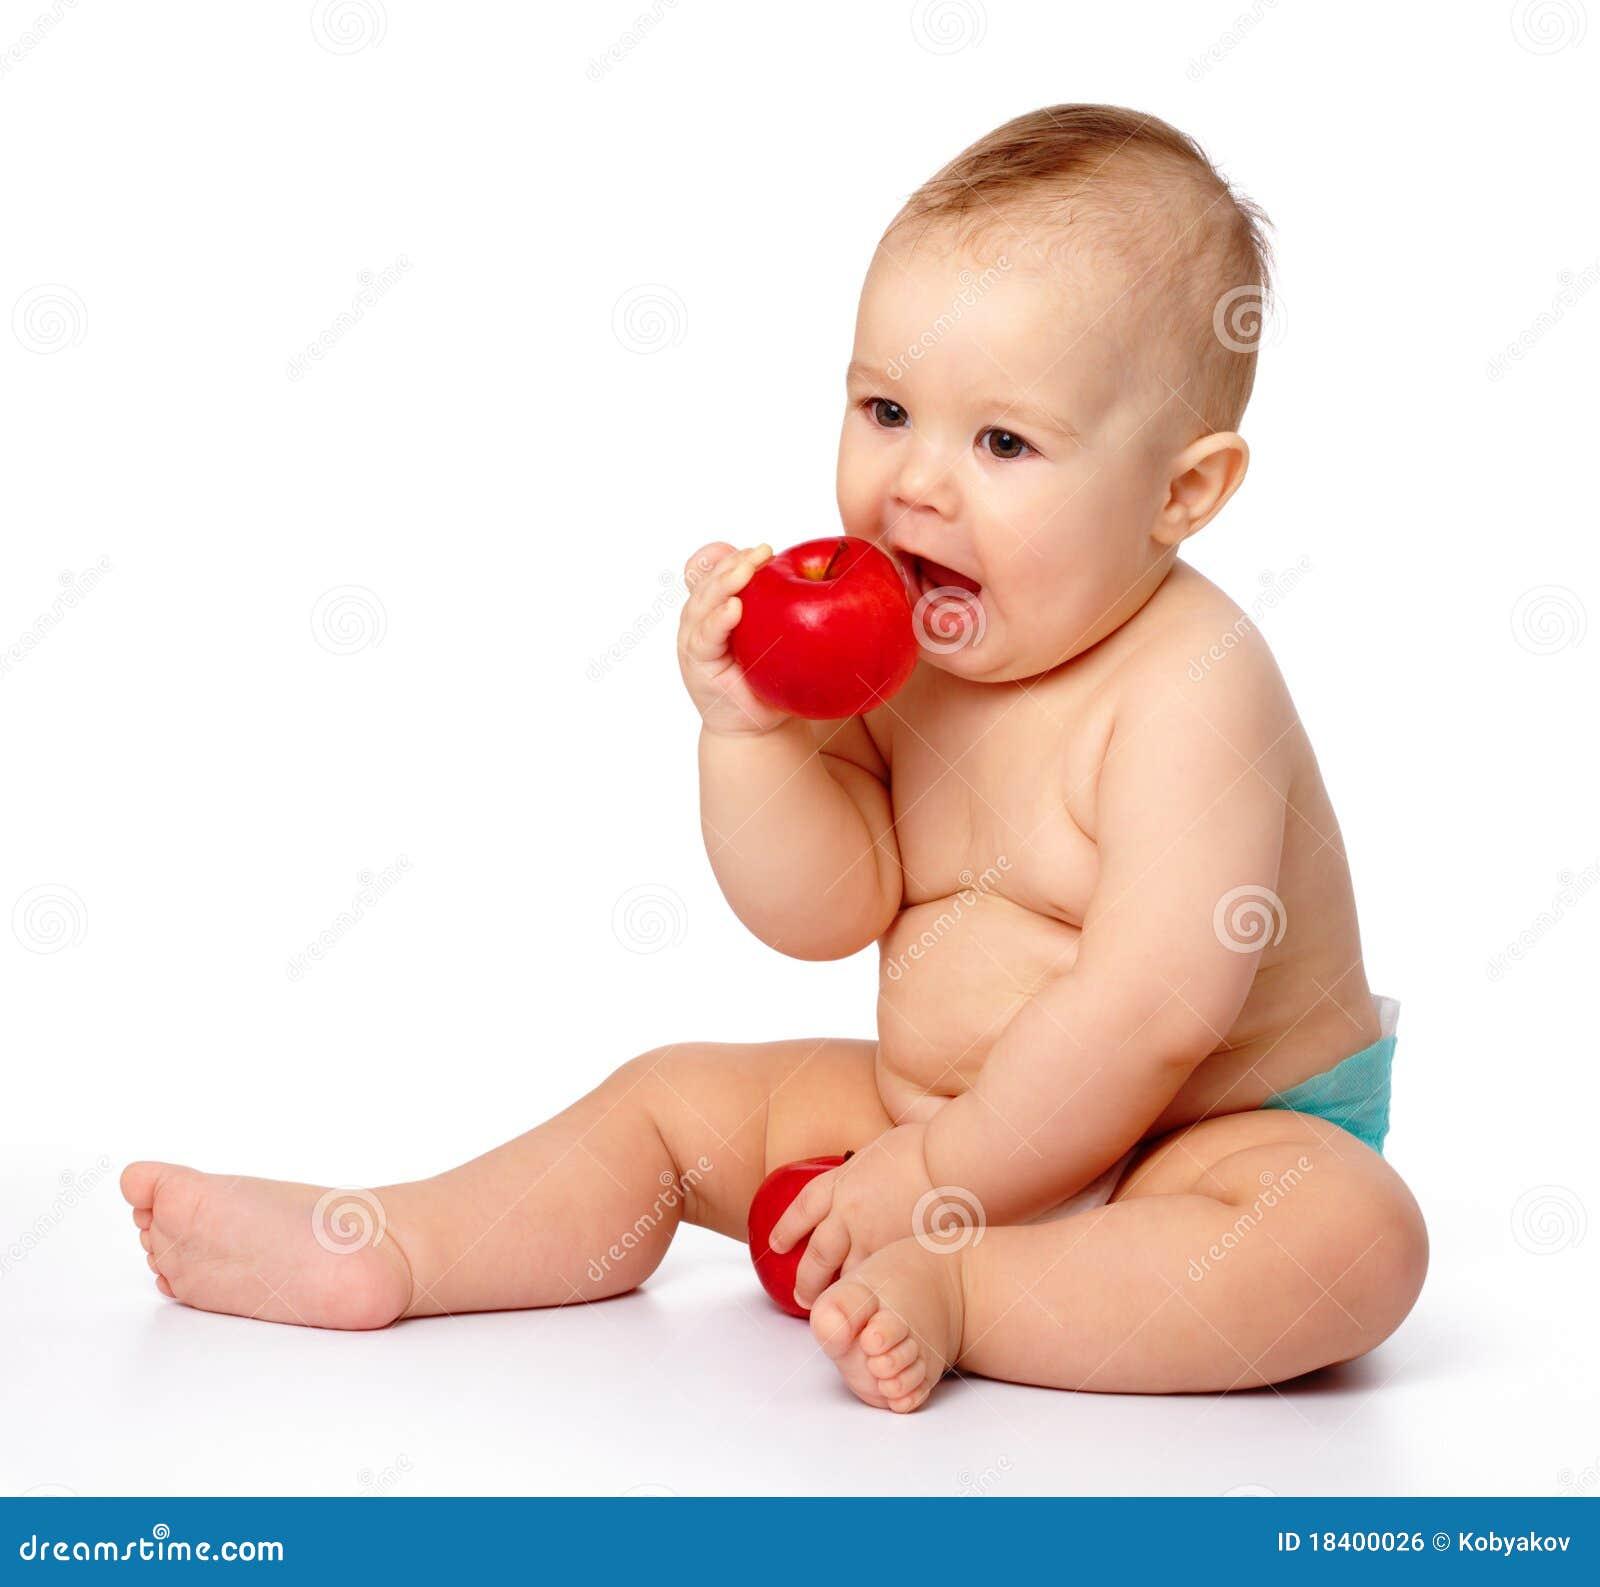 El Pequeño Niño Va A Morder La Manzana Roja Imagen de ...